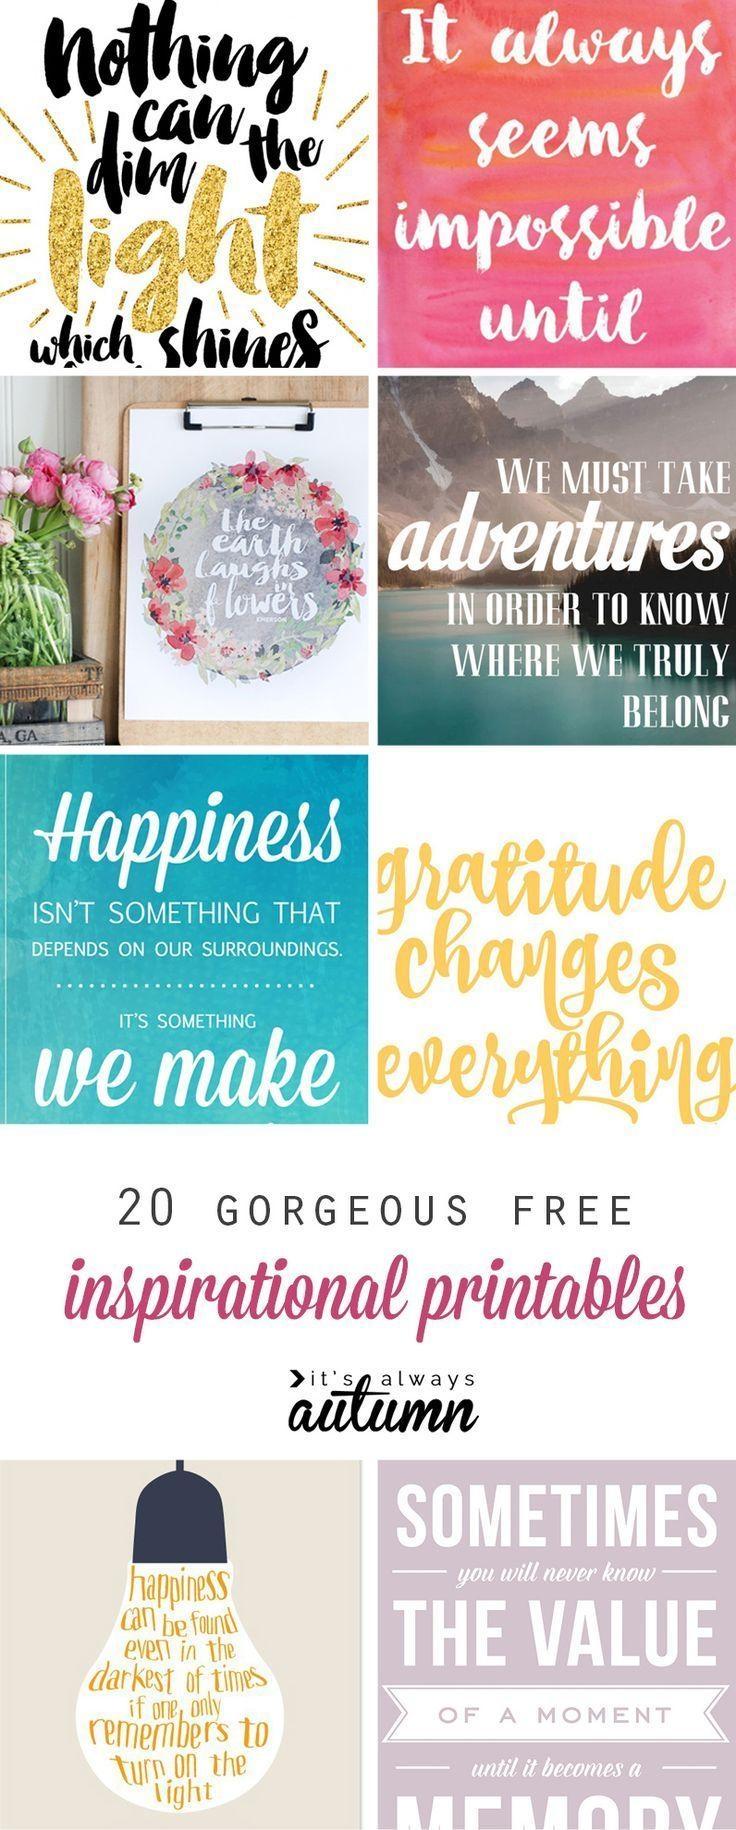 Best 25+ Inspirational Wall Art Ideas On Pinterest | Free With Regard To Large Inspirational Wall Art (View 16 of 20)